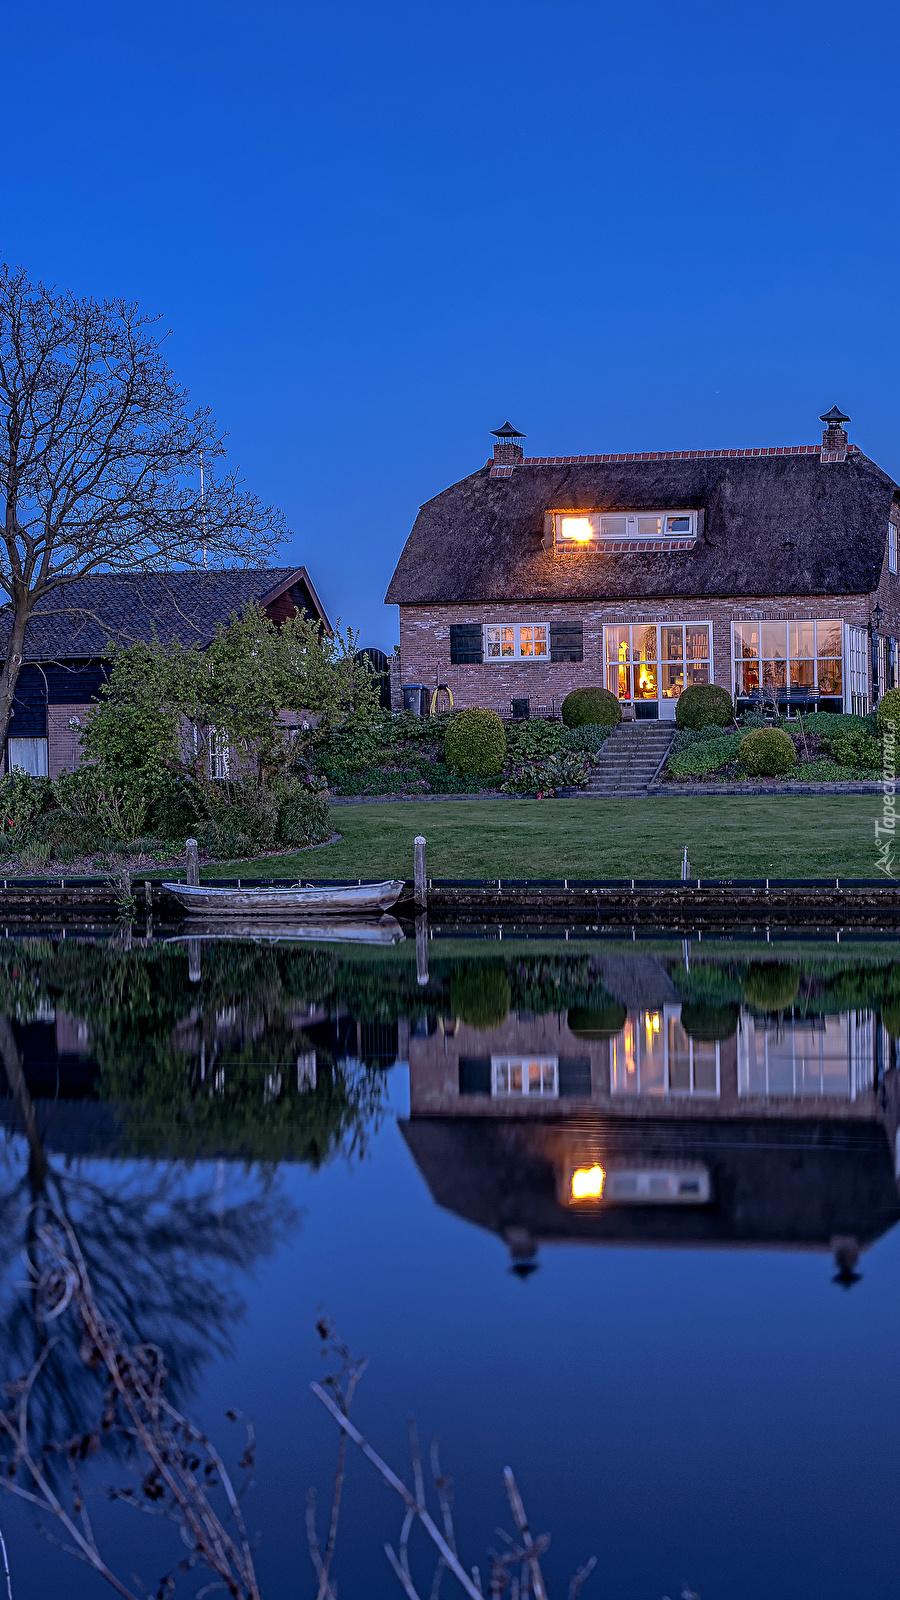 Dom nad rzeką o zmierzchu